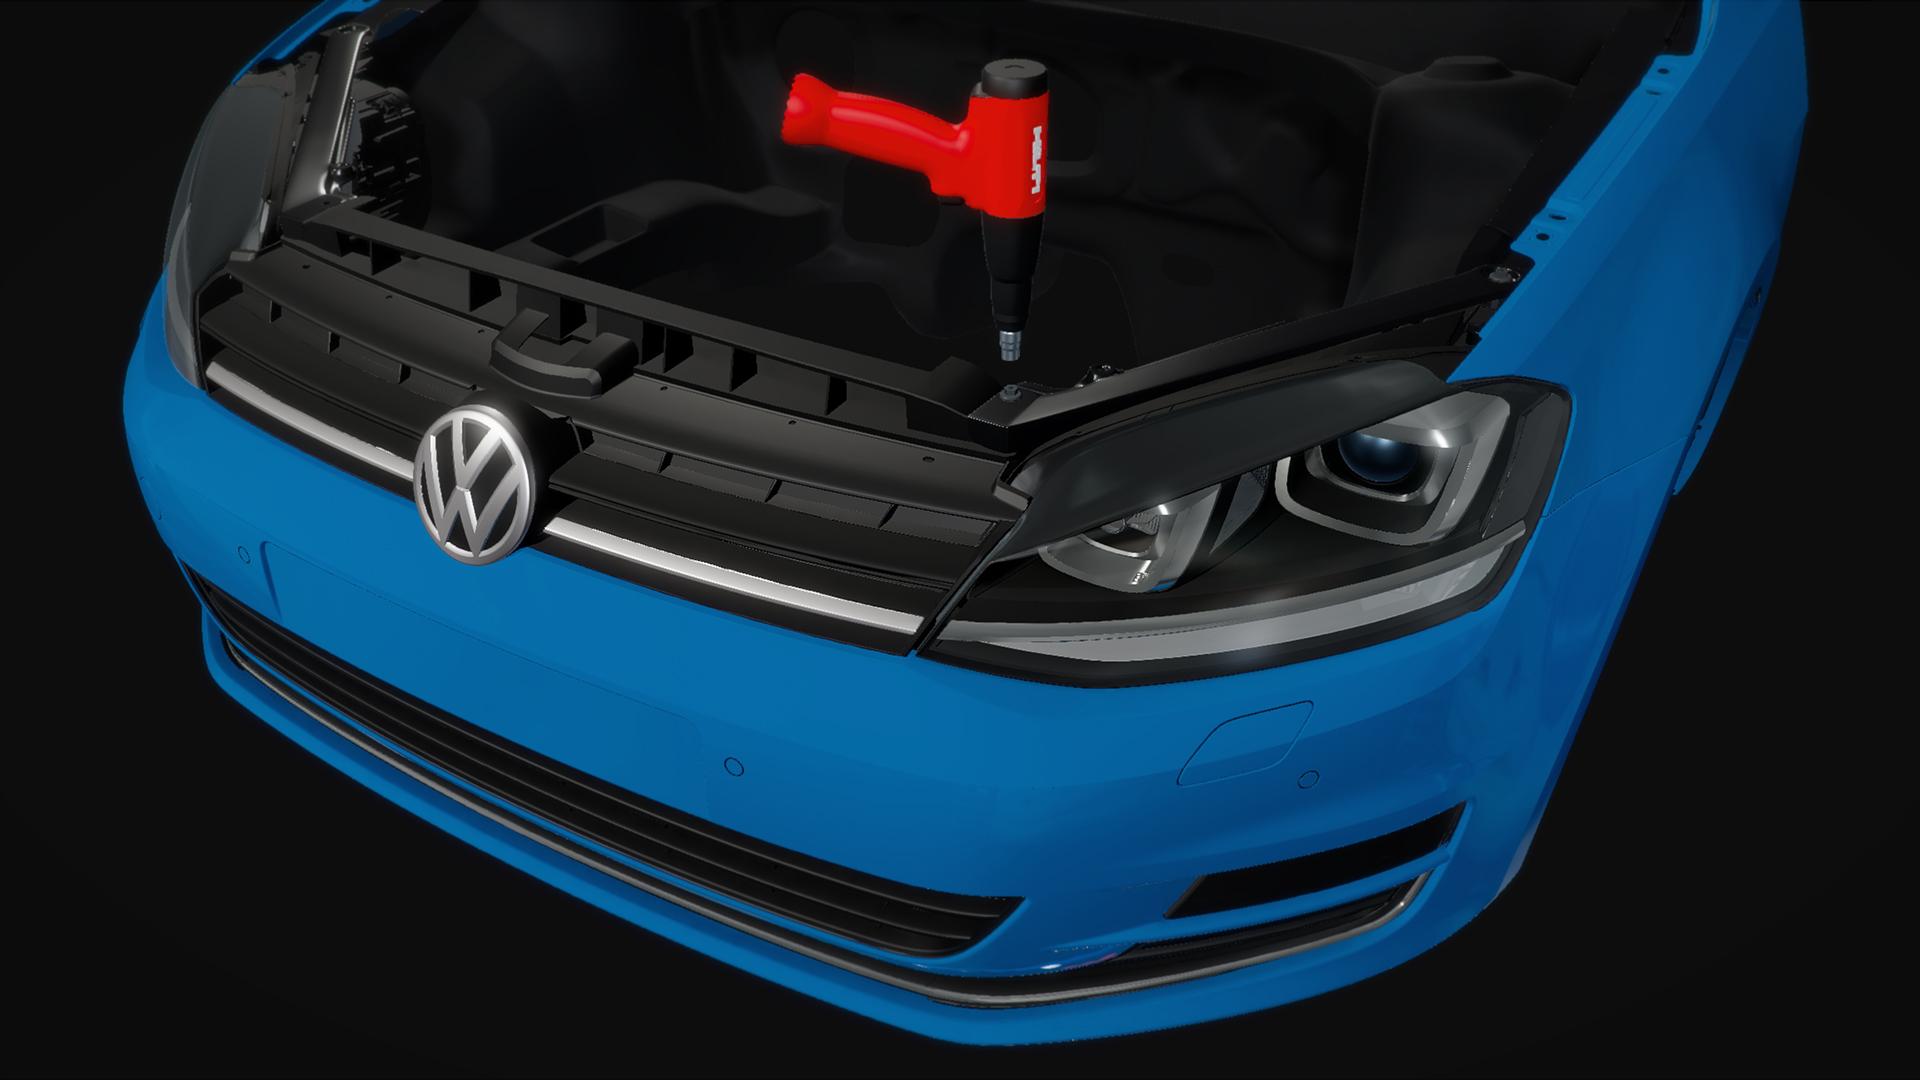 VW Scheinwerfer Szene, low poly modeling für eine Unity Aplikation